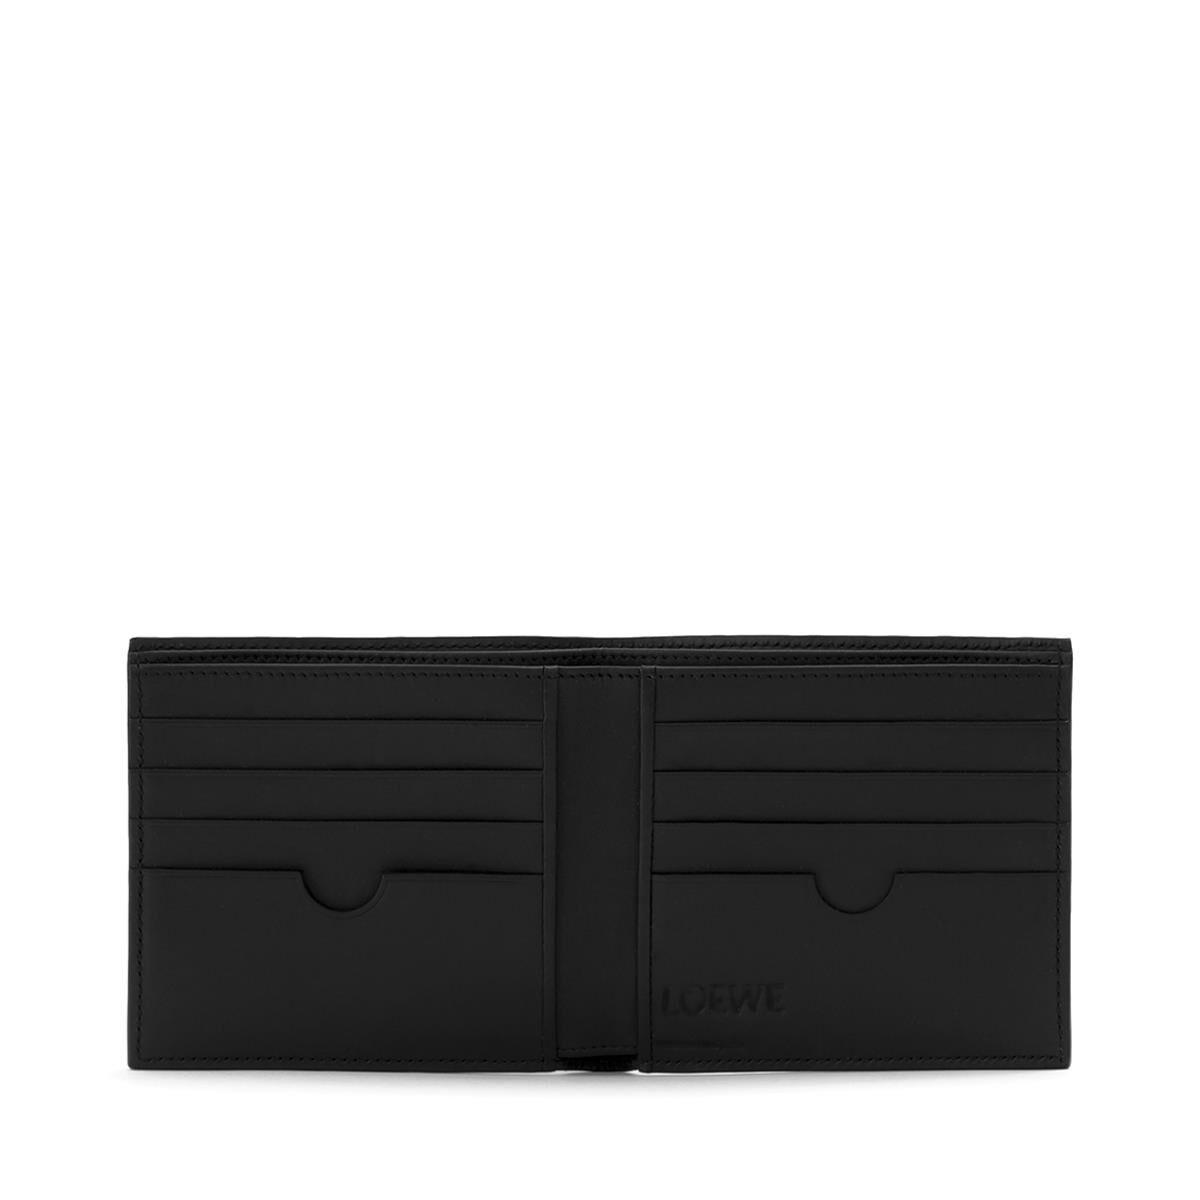 LOEWE Bifold Wallet Black all